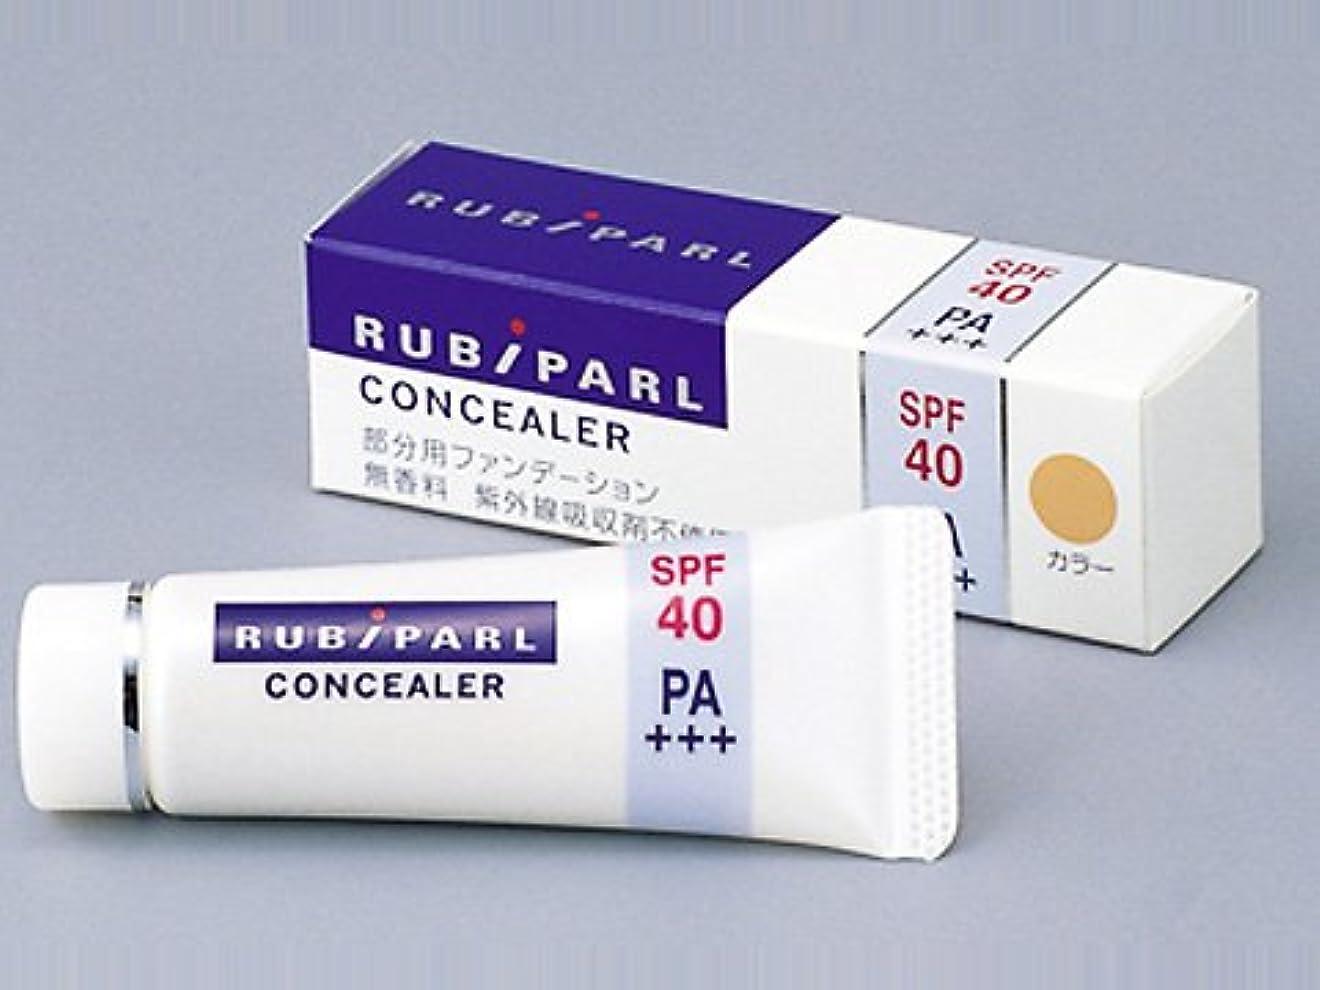 バン社説シミュレートするルビパール コンシーラーナチュラル 15g (普通~健康的な肌色の方に)SPF40?PA+++ 部分用ファンデーション